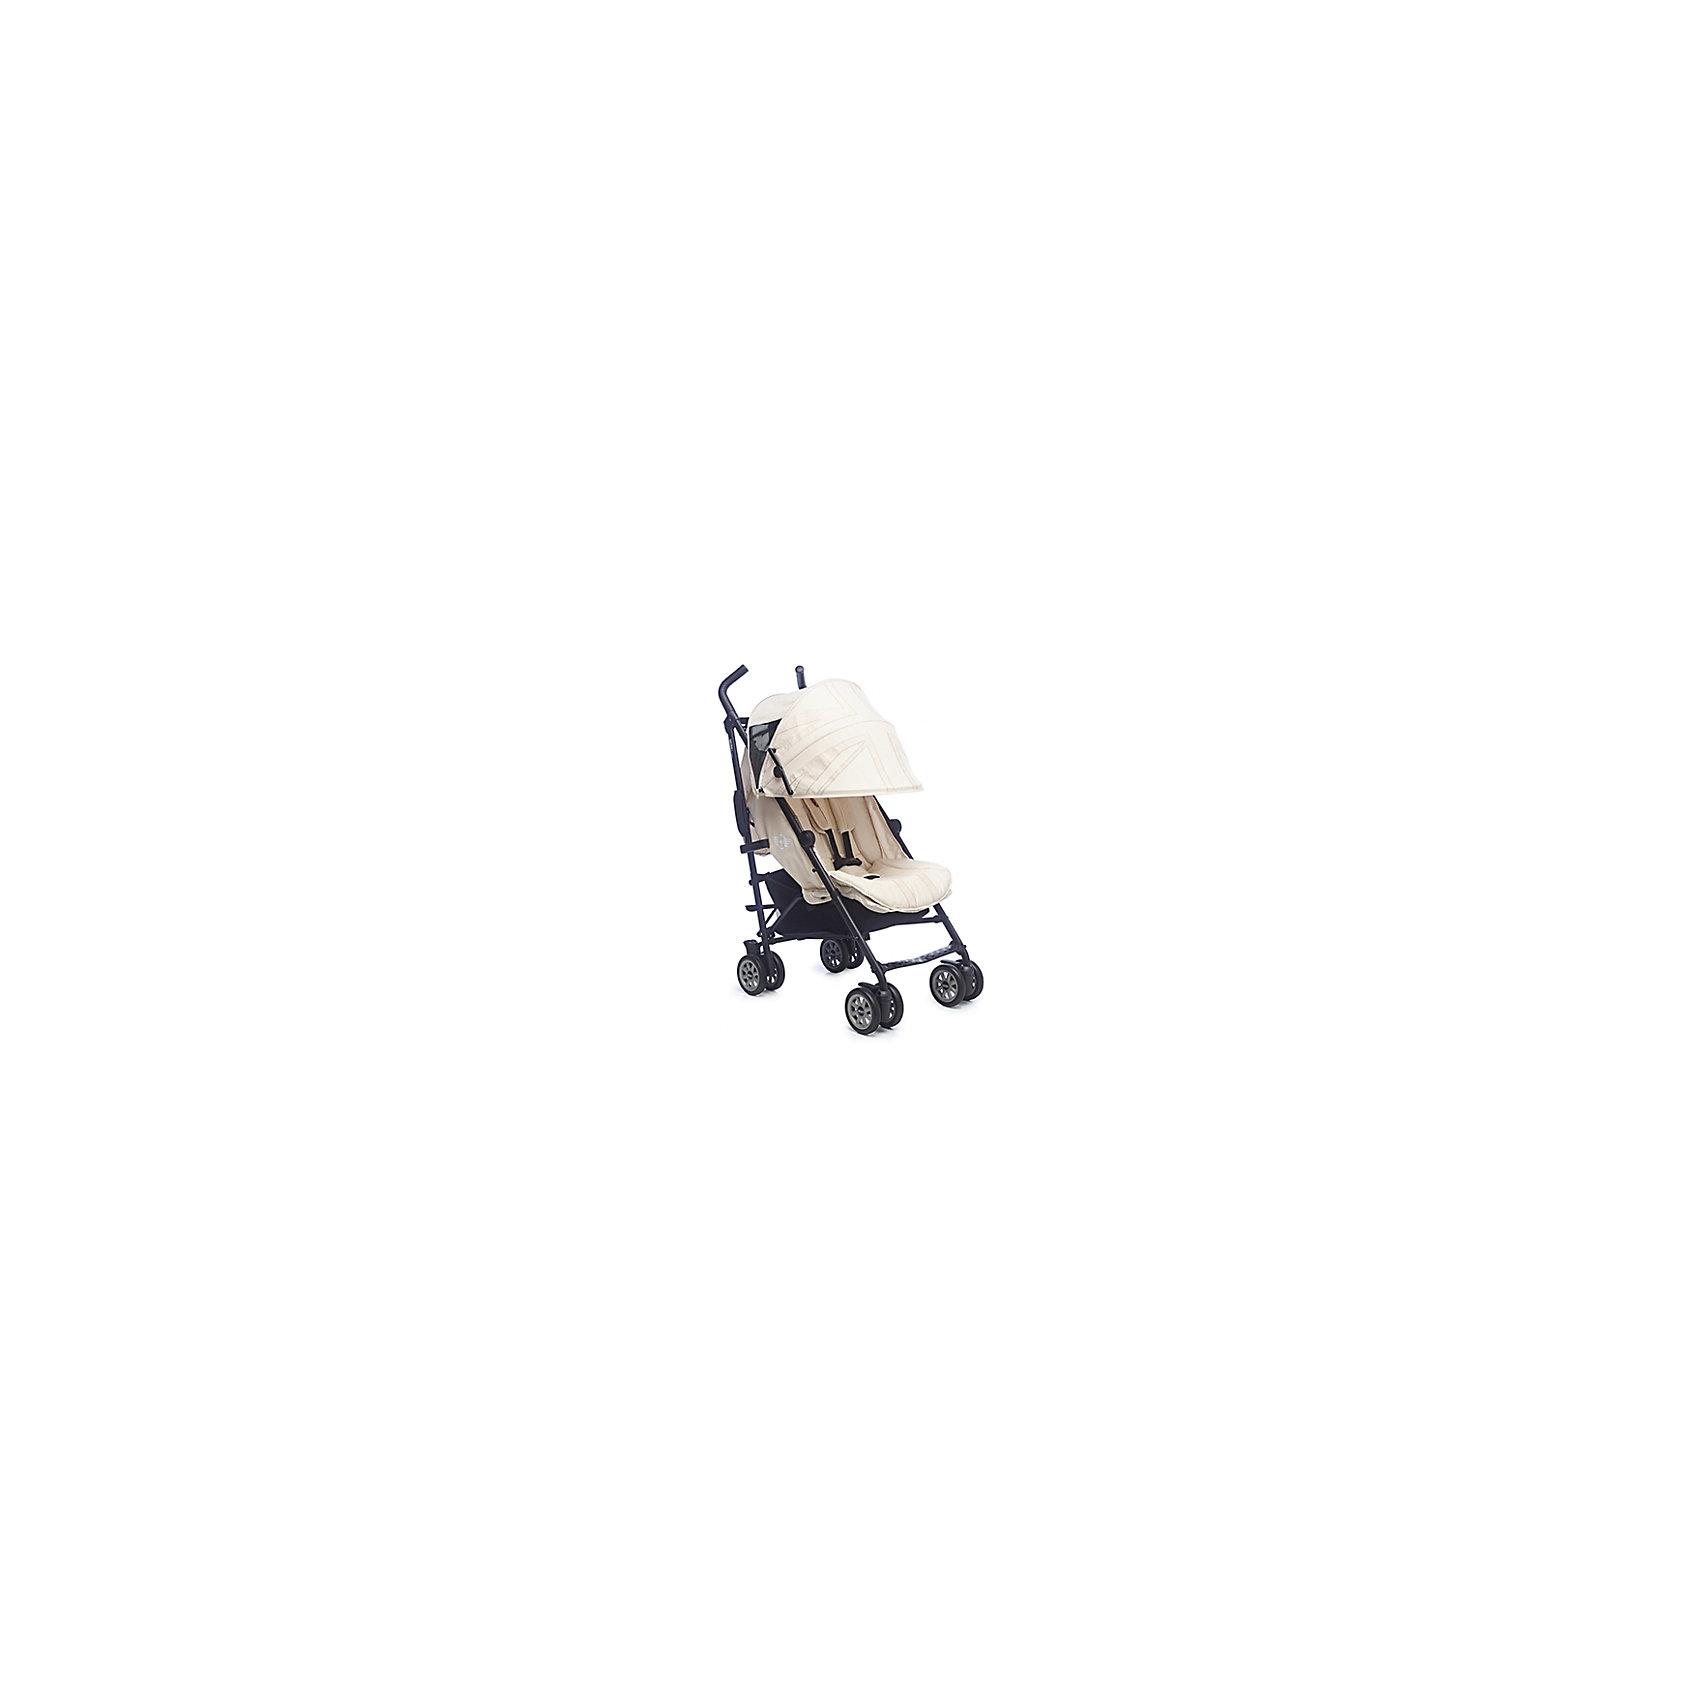 Коляска-трость Easywalker MINI XL Milky JackКоляски-трости<br>Характеристики:<br><br>• спинка коляски регулируется в 4-х положениях;<br>• угол наклона спинки 170 градусов;<br>• подножка регулируется и удлиняет спальное место;<br>• 5-ти точечные ремни безопасности, регулируются по длине и высоте;<br>• защитный бампер с мягкой накладкой;<br>• капюшон глубокий, оснащен дополнительной секцией;<br>• кожаная отделка ручек коляски;<br>• ручки коляски регулируются по высоте;<br>• корзина для покупок выдерживает нагрузку до 5 кг;<br>• сдвоенные колеса коляски;<br>• амортизация передних и задних колес;<br>• ножной тормоз;<br>• механизм складывания: трость;<br>• плечевой ремешок для переноски коляски в сложенном виде на плече.<br><br>Размеры:<br><br>• размер коляски: 83/86,5х49х109,5/112,5 см;<br>• размер коляски в сложенном виде: 100х48х24 см;<br>• ширина сиденья: 35 см;<br>• глубина сиденья: 20 см;<br>• высота спинки: 50 см;<br>• длина подножки: 15 см;<br>• диаметр колес: 12,7 см;<br>• вес коляски: 8,1 кг.<br><br>Легкая коляска-трость с регулируемой спинкой и подножкой сочетает в себе качества хорошей прогулки и коляски для путешествий. Глубокий капюшон с раскрывающейся секцией опускается достаточно низко, защищает ребенка даже с учетом разложенной спинки. Регулируемые по высоте ручки коляски позволяют настроить высоту под рост водителя. Плечевой ремешок позволяет нести коляску на плече, освобождая при этом руки мамы для того, чтобы взять малыша и сумки. В комплекте прозрачный дождевик. <br><br>Коляску-трость MINI XL Milky Jack, Easywalker можно купить в нашем интернет-магазине.<br><br>Ширина мм: 1020<br>Глубина мм: 230<br>Высота мм: 280<br>Вес г: 9740<br>Возраст от месяцев: 0<br>Возраст до месяцев: 48<br>Пол: Унисекс<br>Возраст: Детский<br>SKU: 5613103